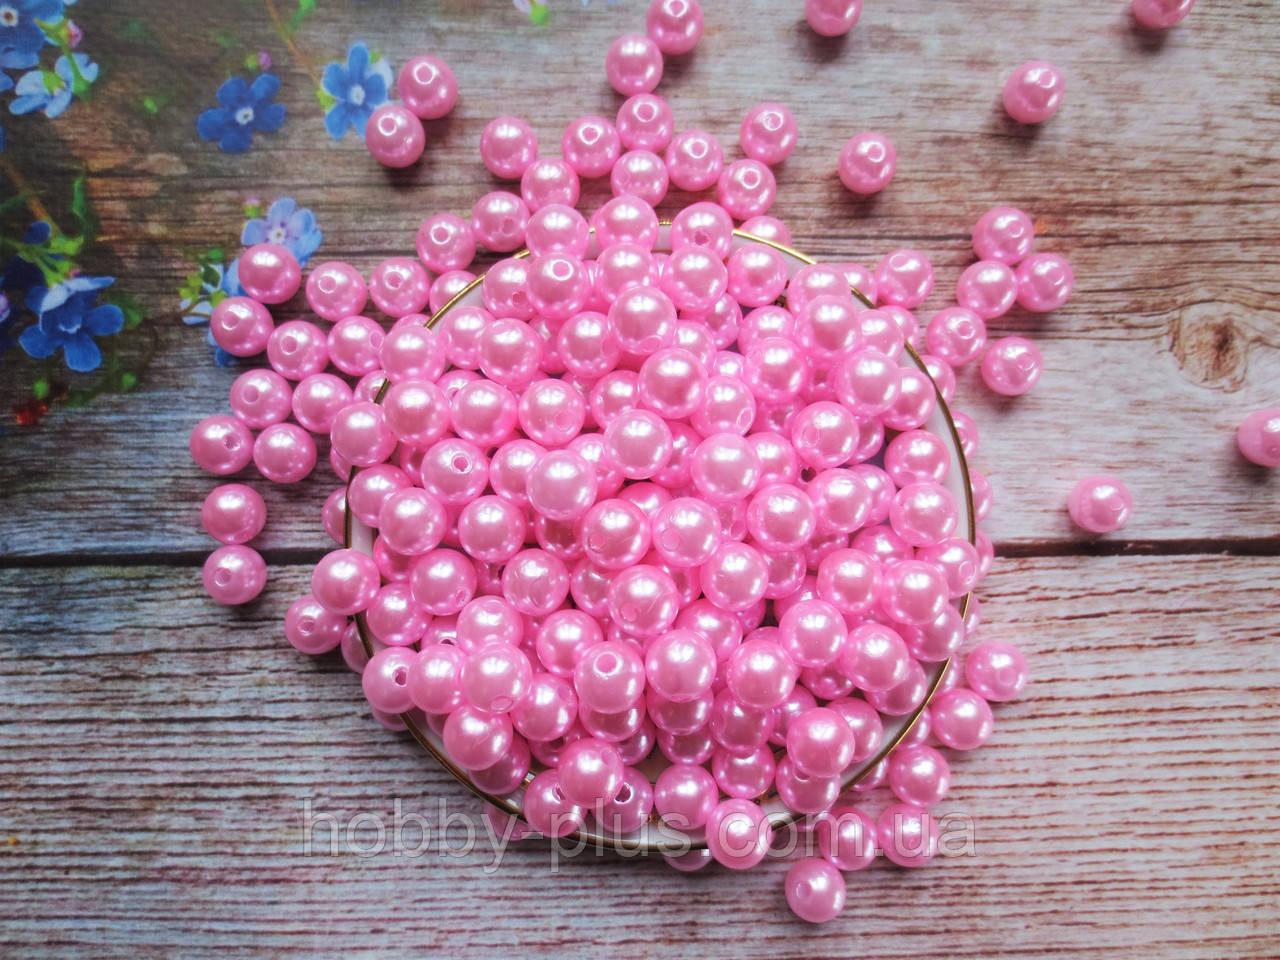 Жемчуг искусственный, 10 мм, цвет розовый, 10 грамм (~20 шт)